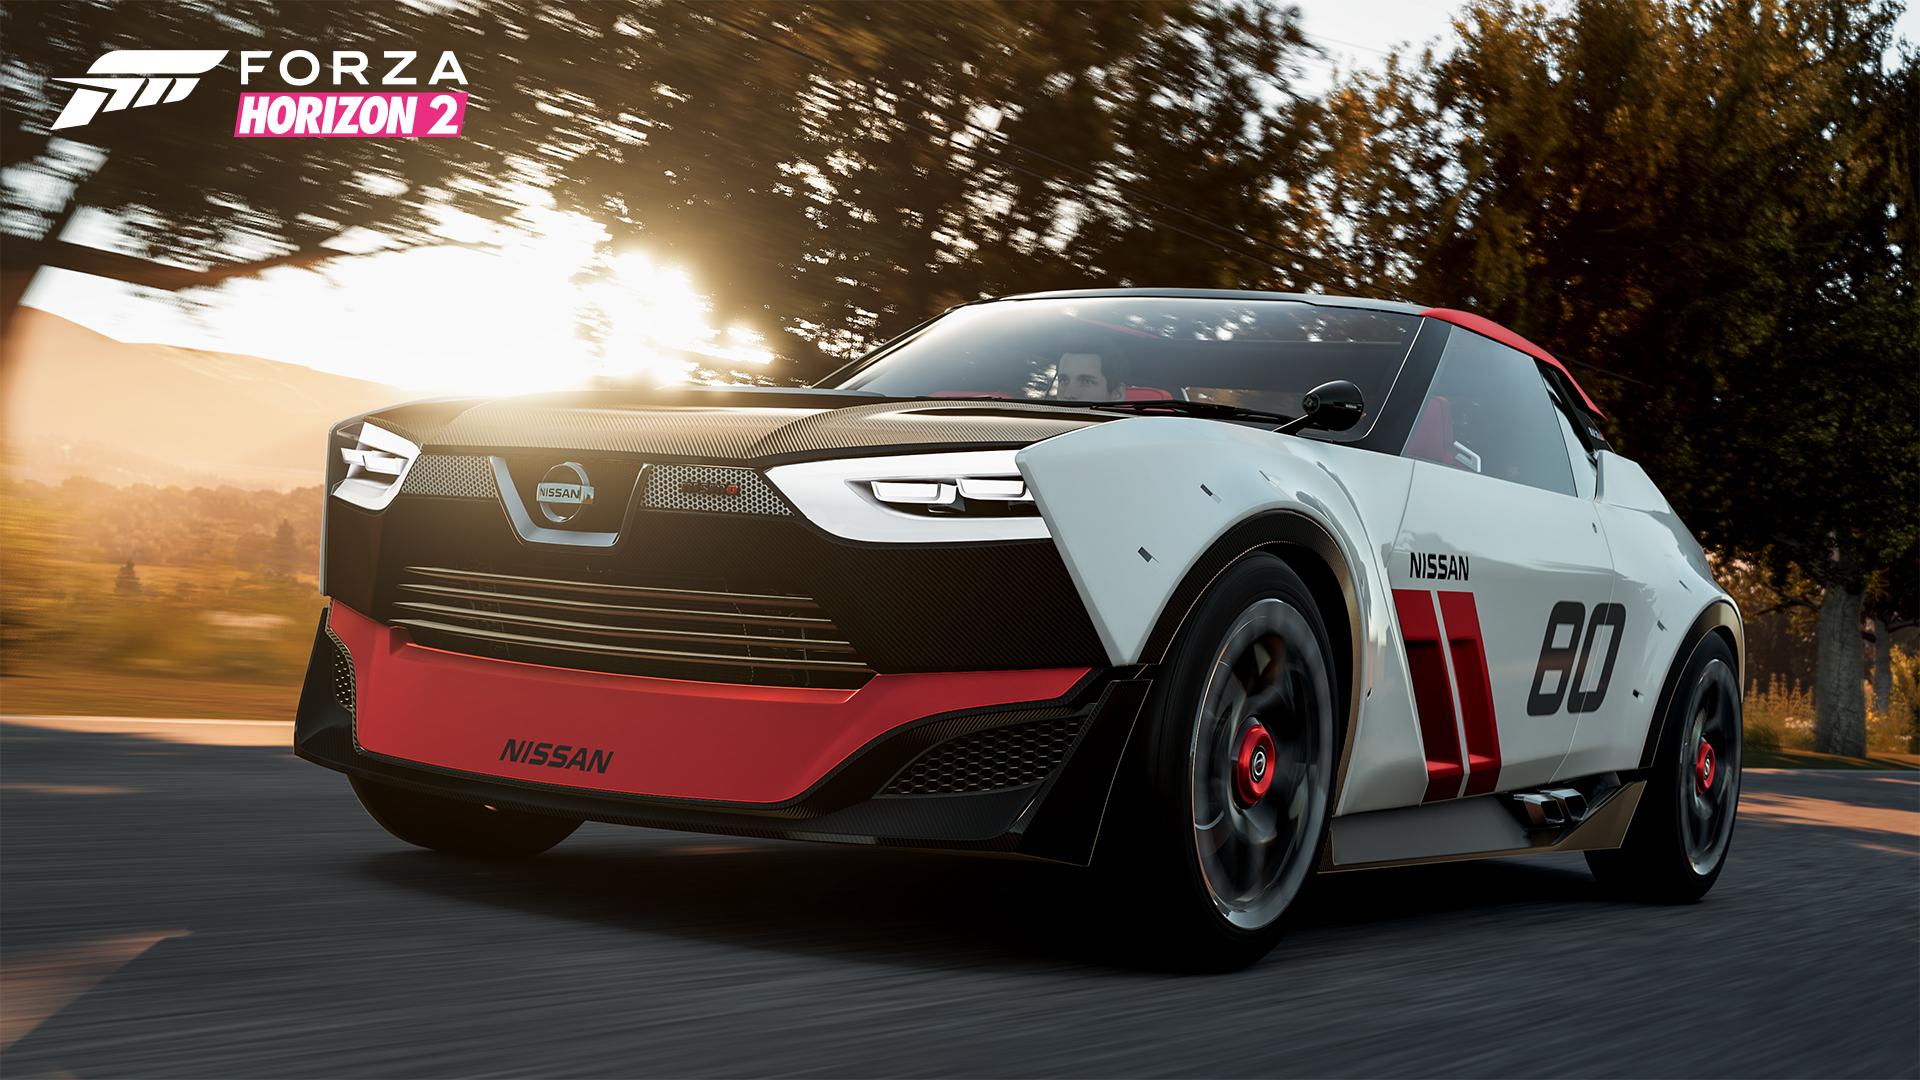 Vozový park ve Forza Horizon 2 rozšířil balíček G-Shock 104259